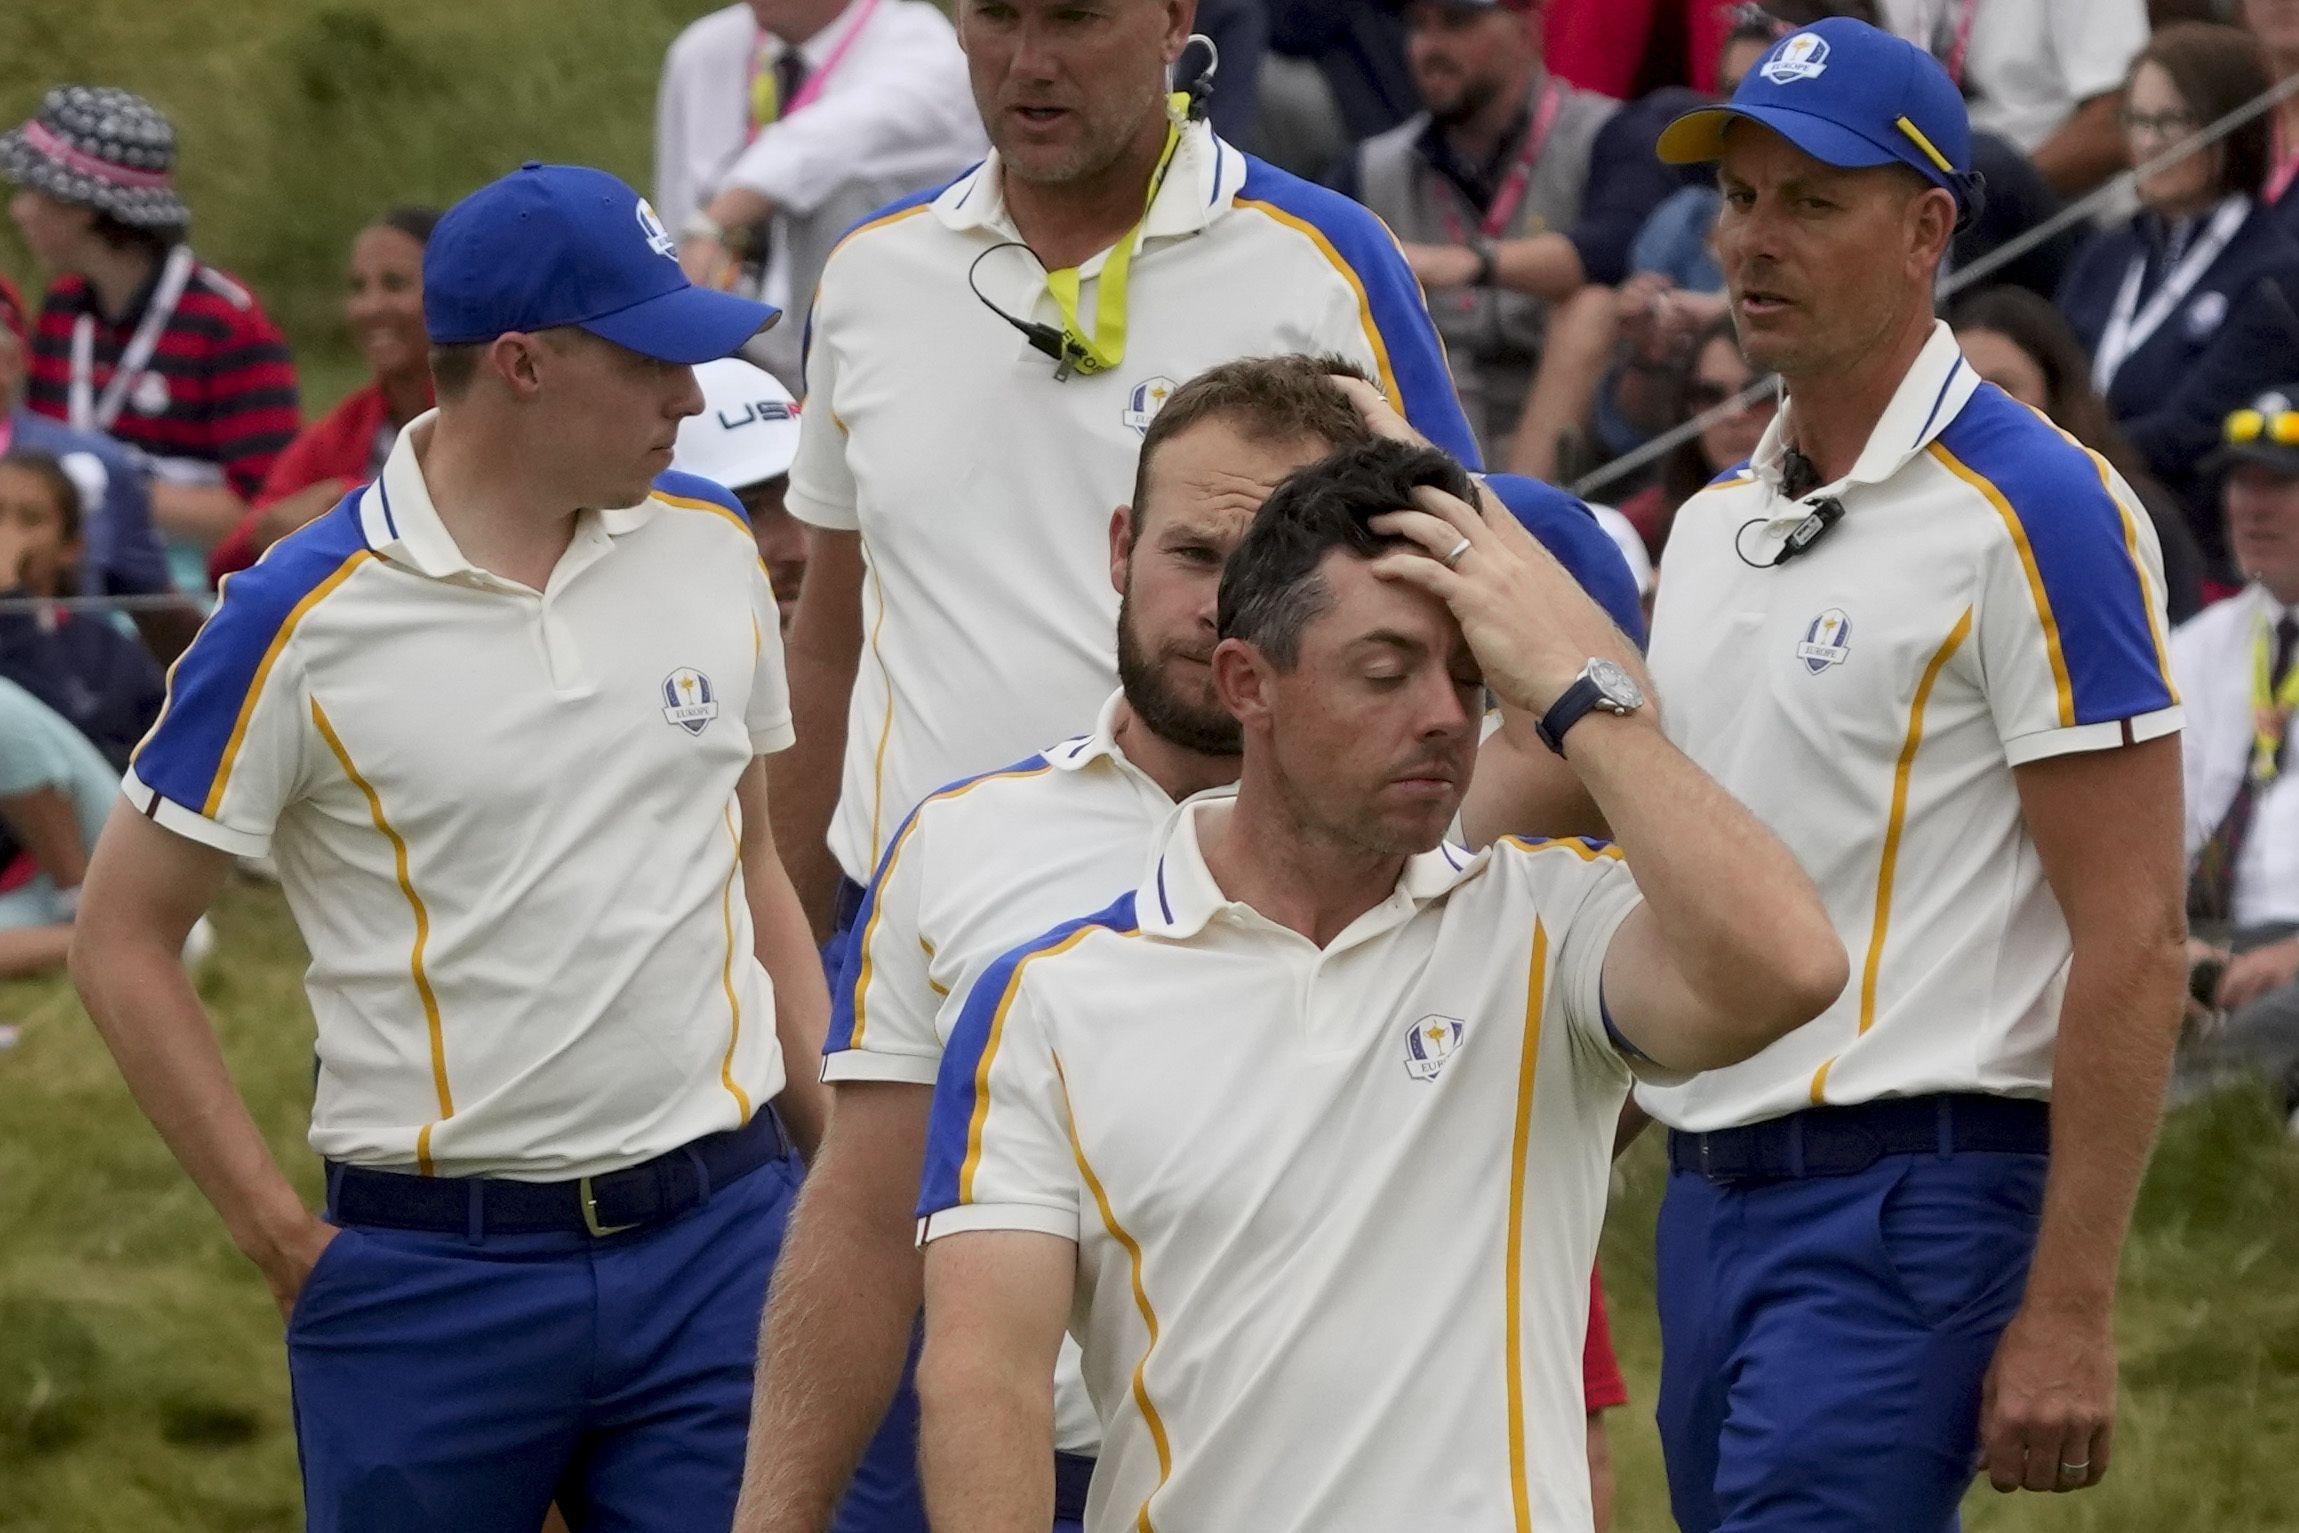 europa superado en la copa ryder; mcilroy gana un duelo